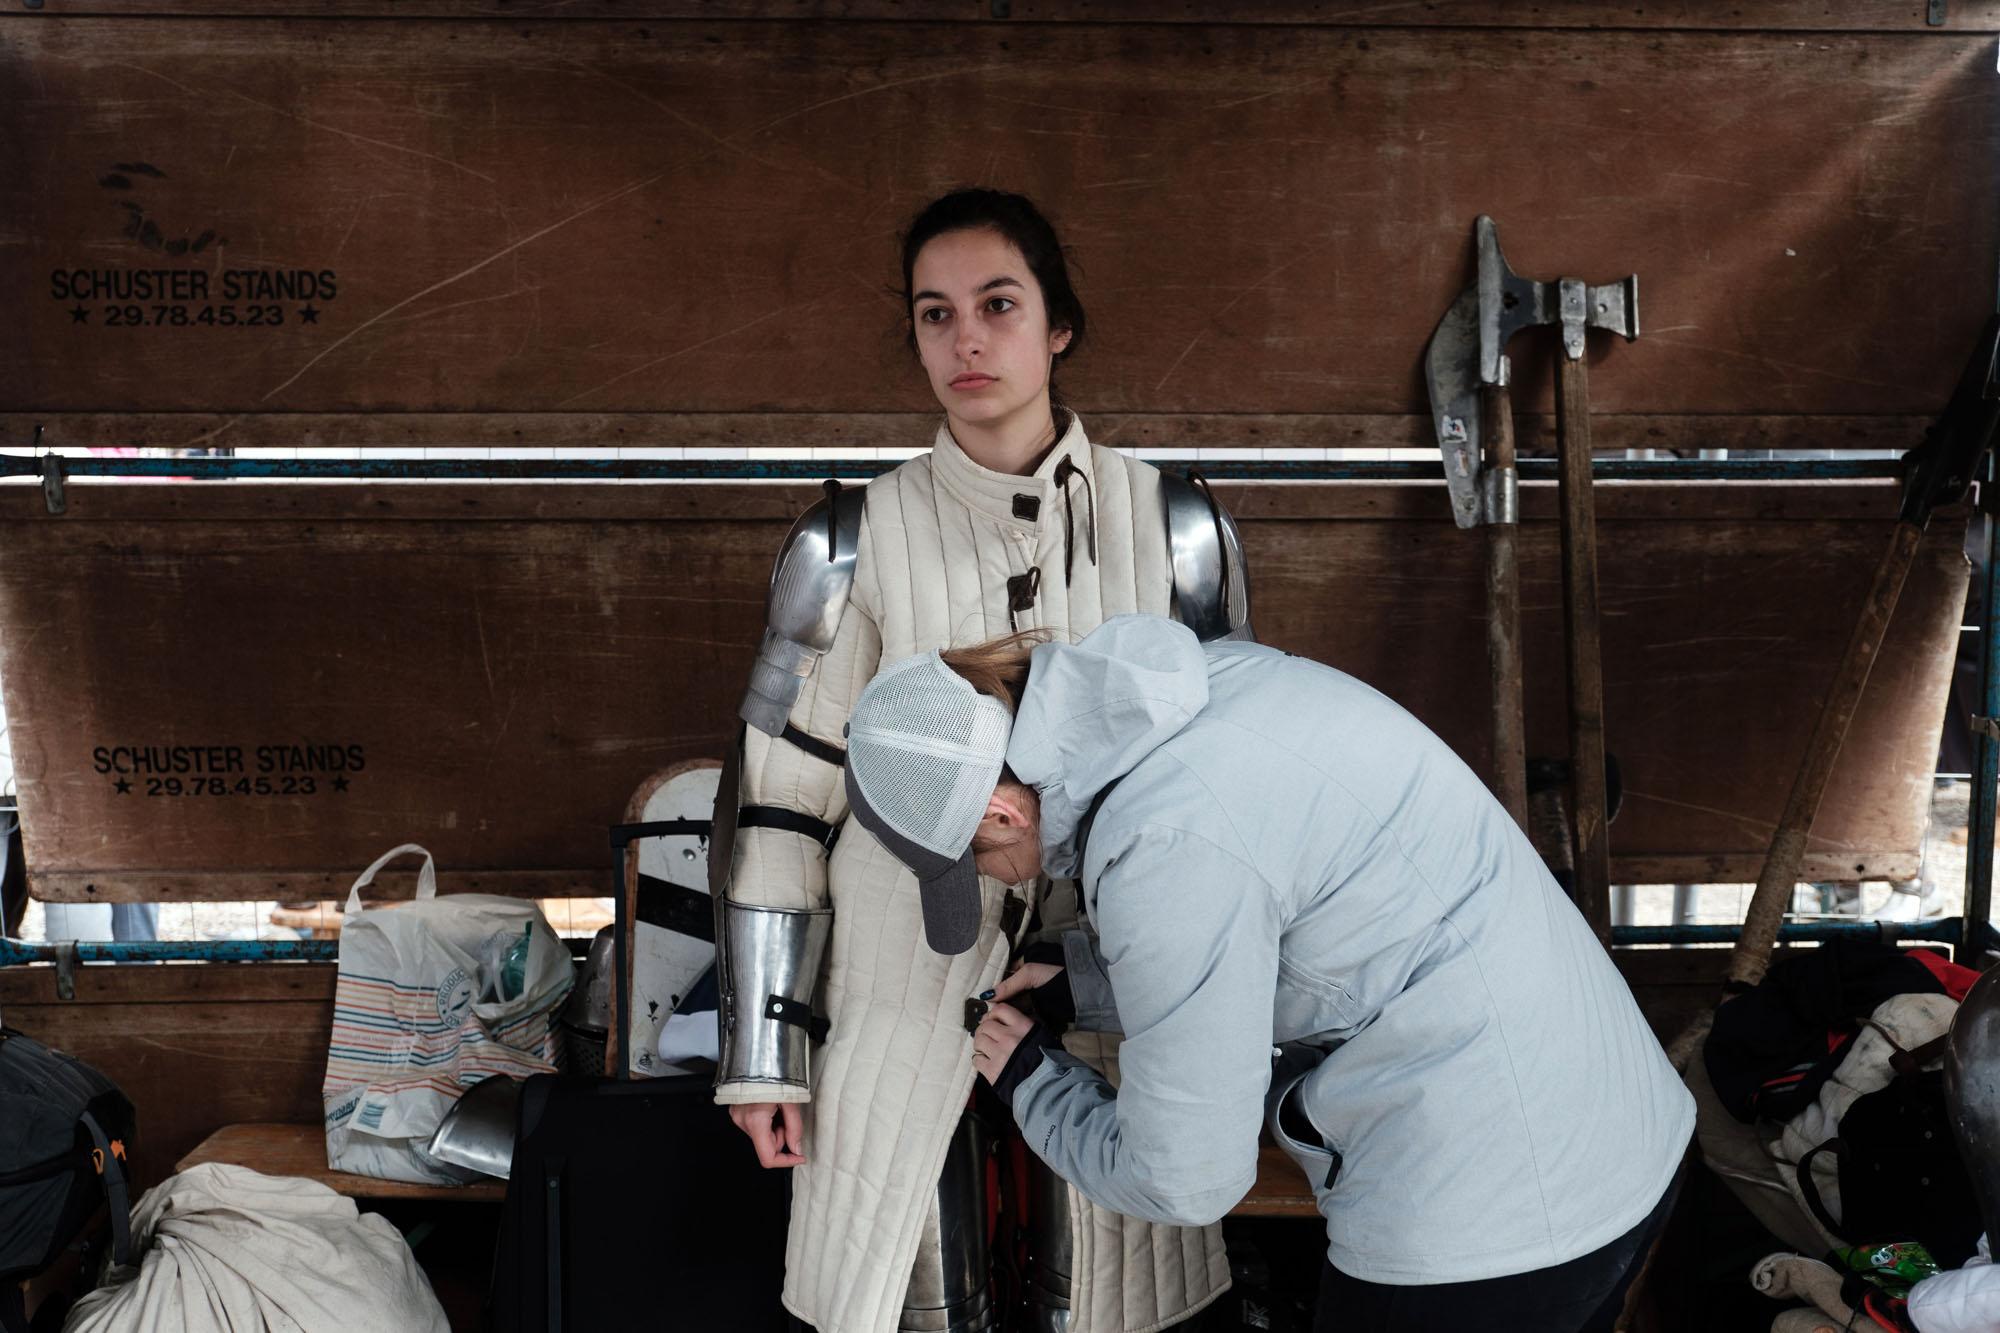 Juliette 23 ans, etudiante en master de psychologie a Brest, fait partie de l'equipe de Behourd bretonne Ar Groaz Du (« La croix noire « en breton) qui vient de Brest. C'est son premier combat en tournois de 5 contre 5. Habituellement, elle vient souteni